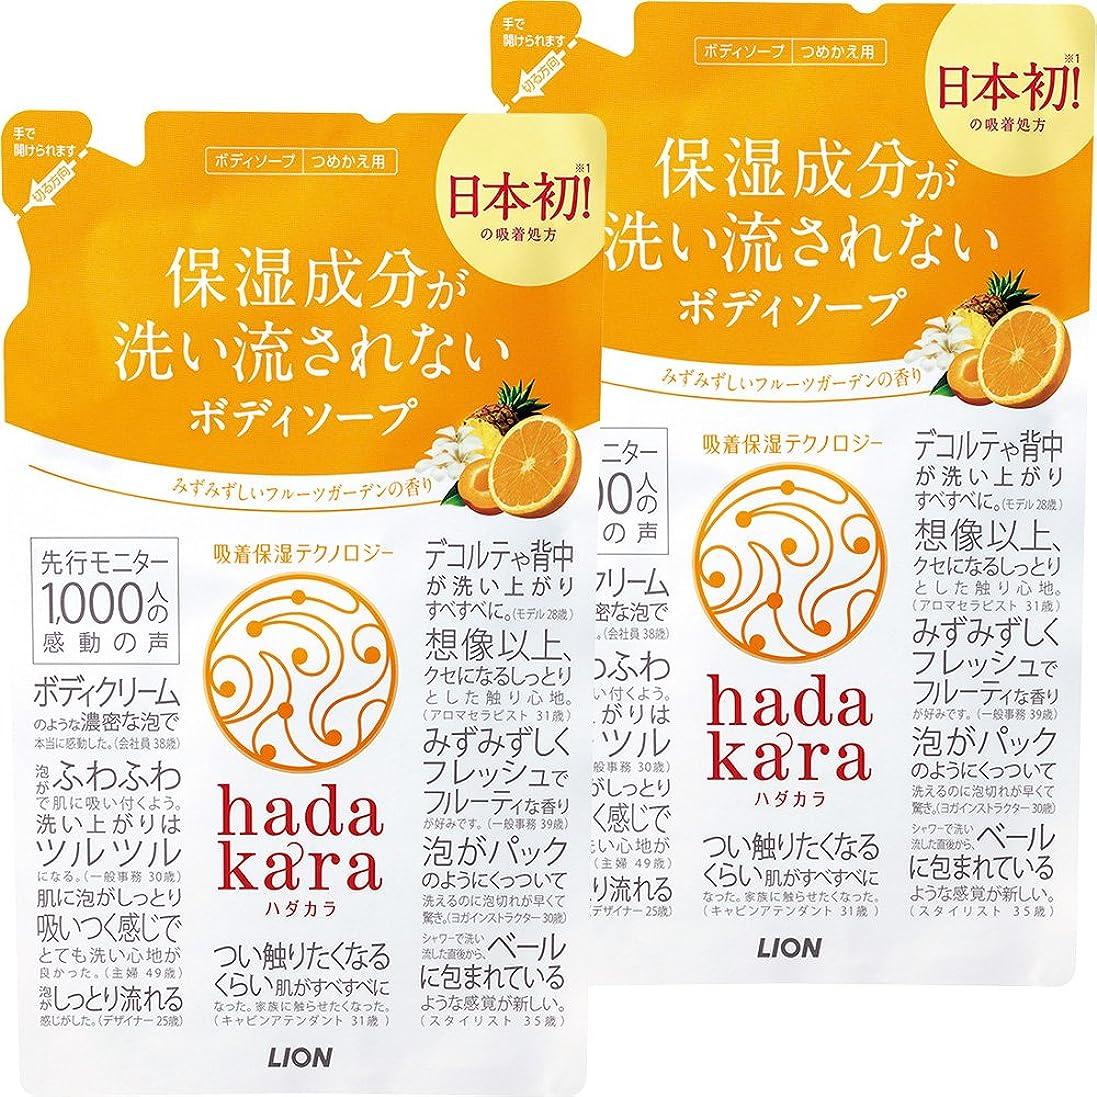 退院十二求める【まとめ買い】hadakara(ハダカラ) ボディソープ フルーツガーデンの香り 詰め替え 360ml×2個パック